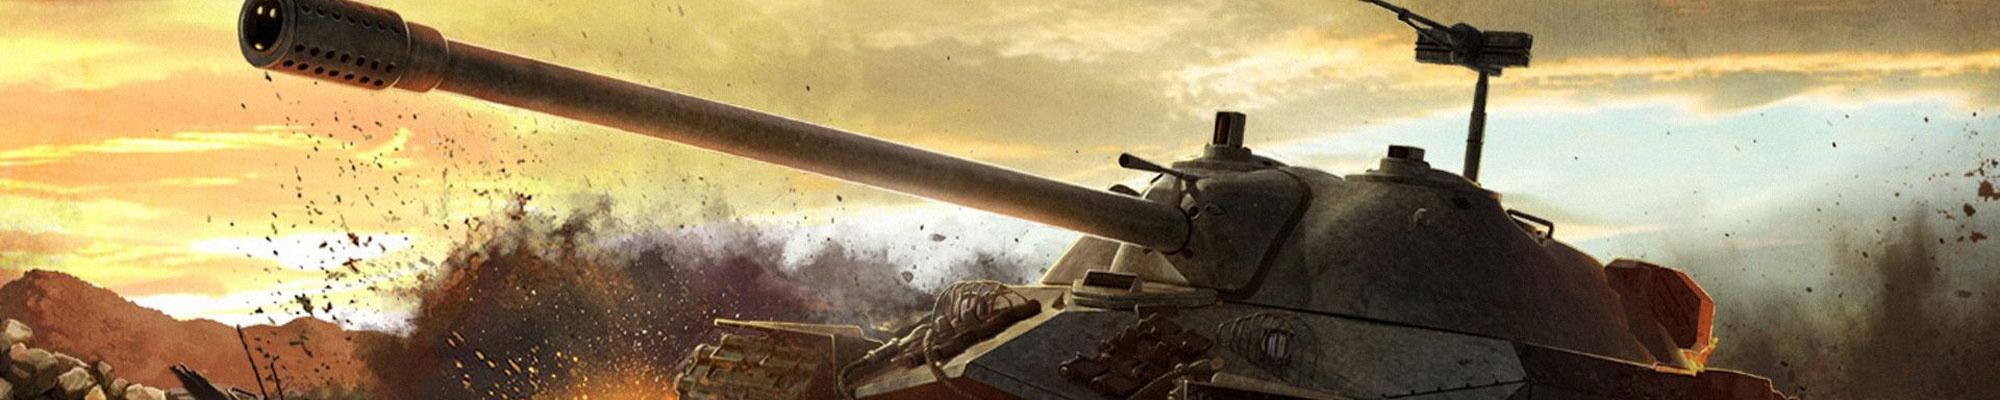 为你讲解在PS4上撸炮的方方面面